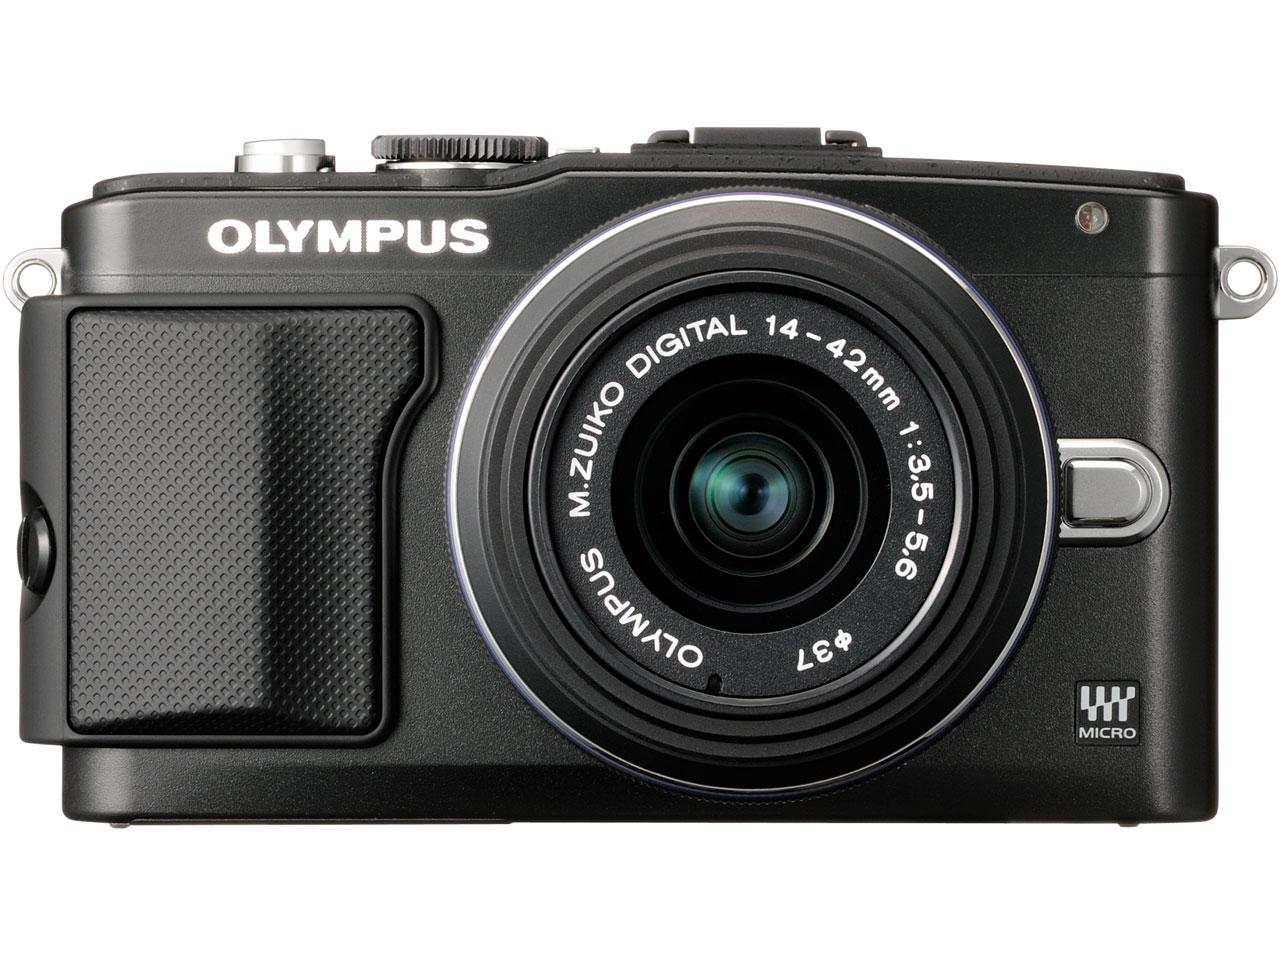 『本体 正面』 OLYMPUS PEN Lite E-PL5 レンズキット [ブラック] の製品画像